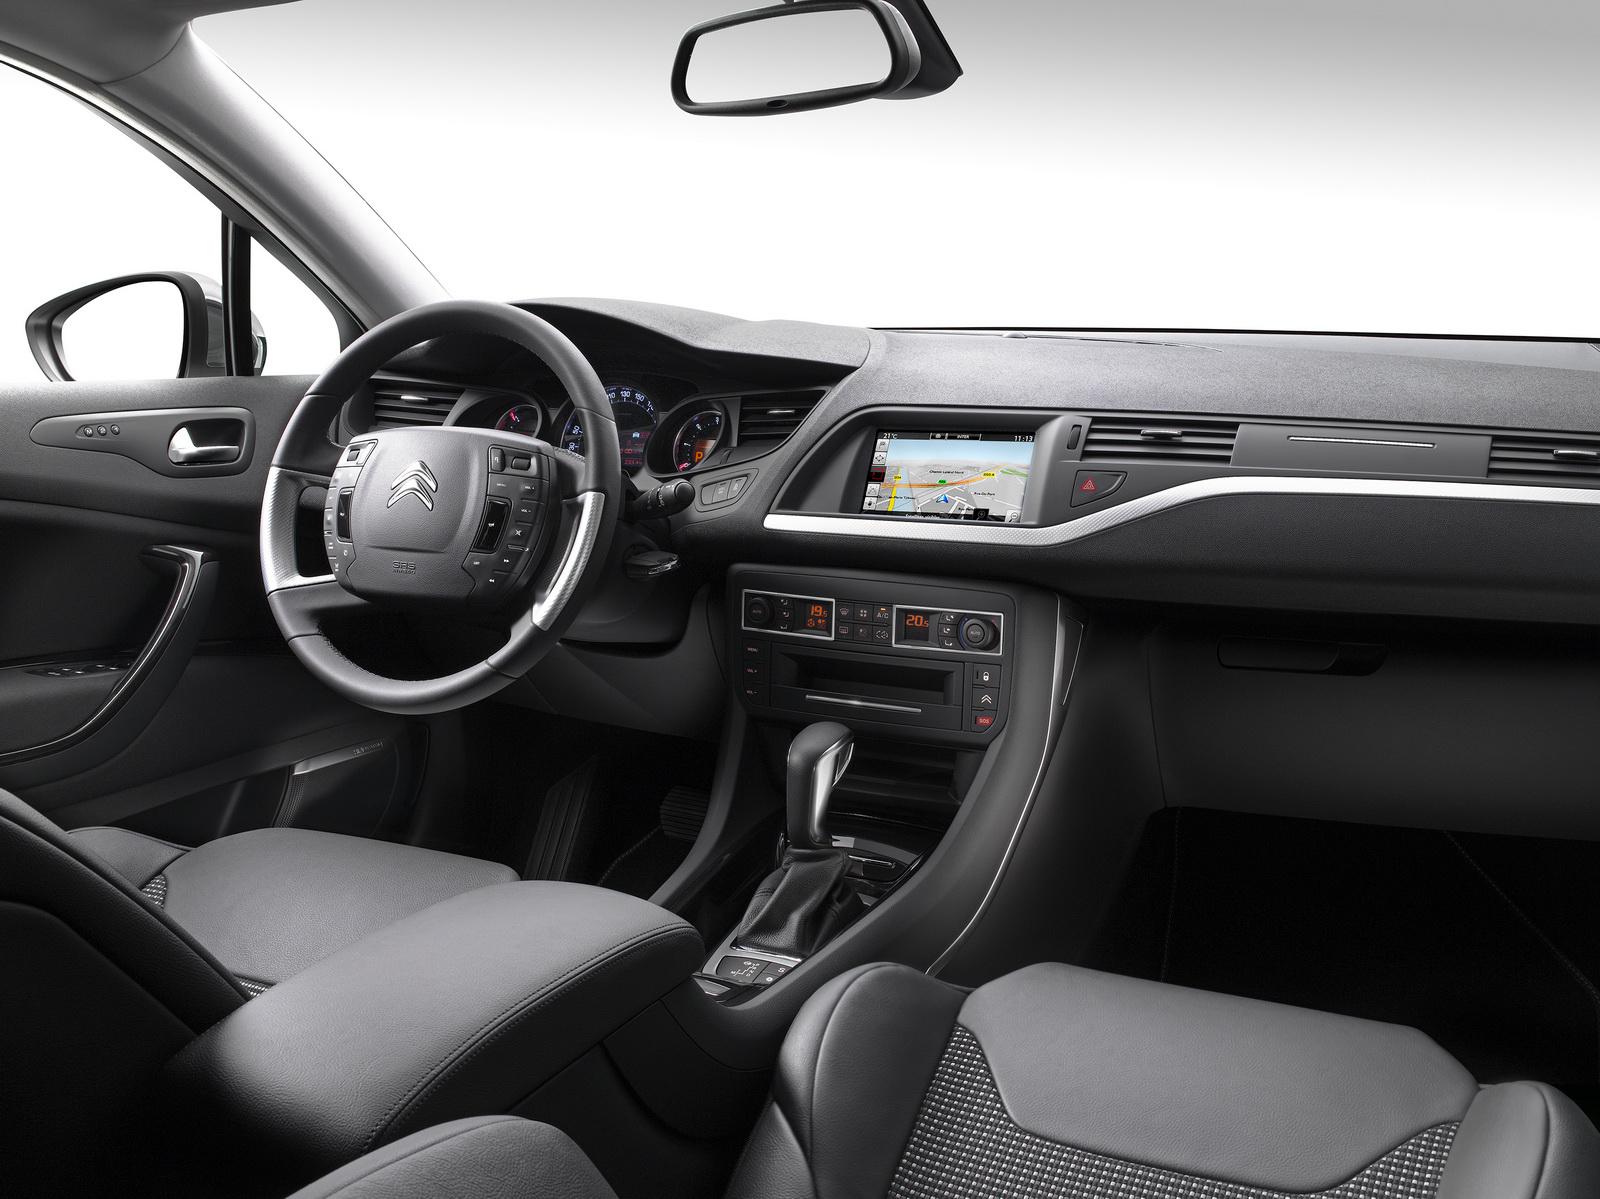 Citroën se resiste a enterrar todavía el C5: Actualización para el 2015 2